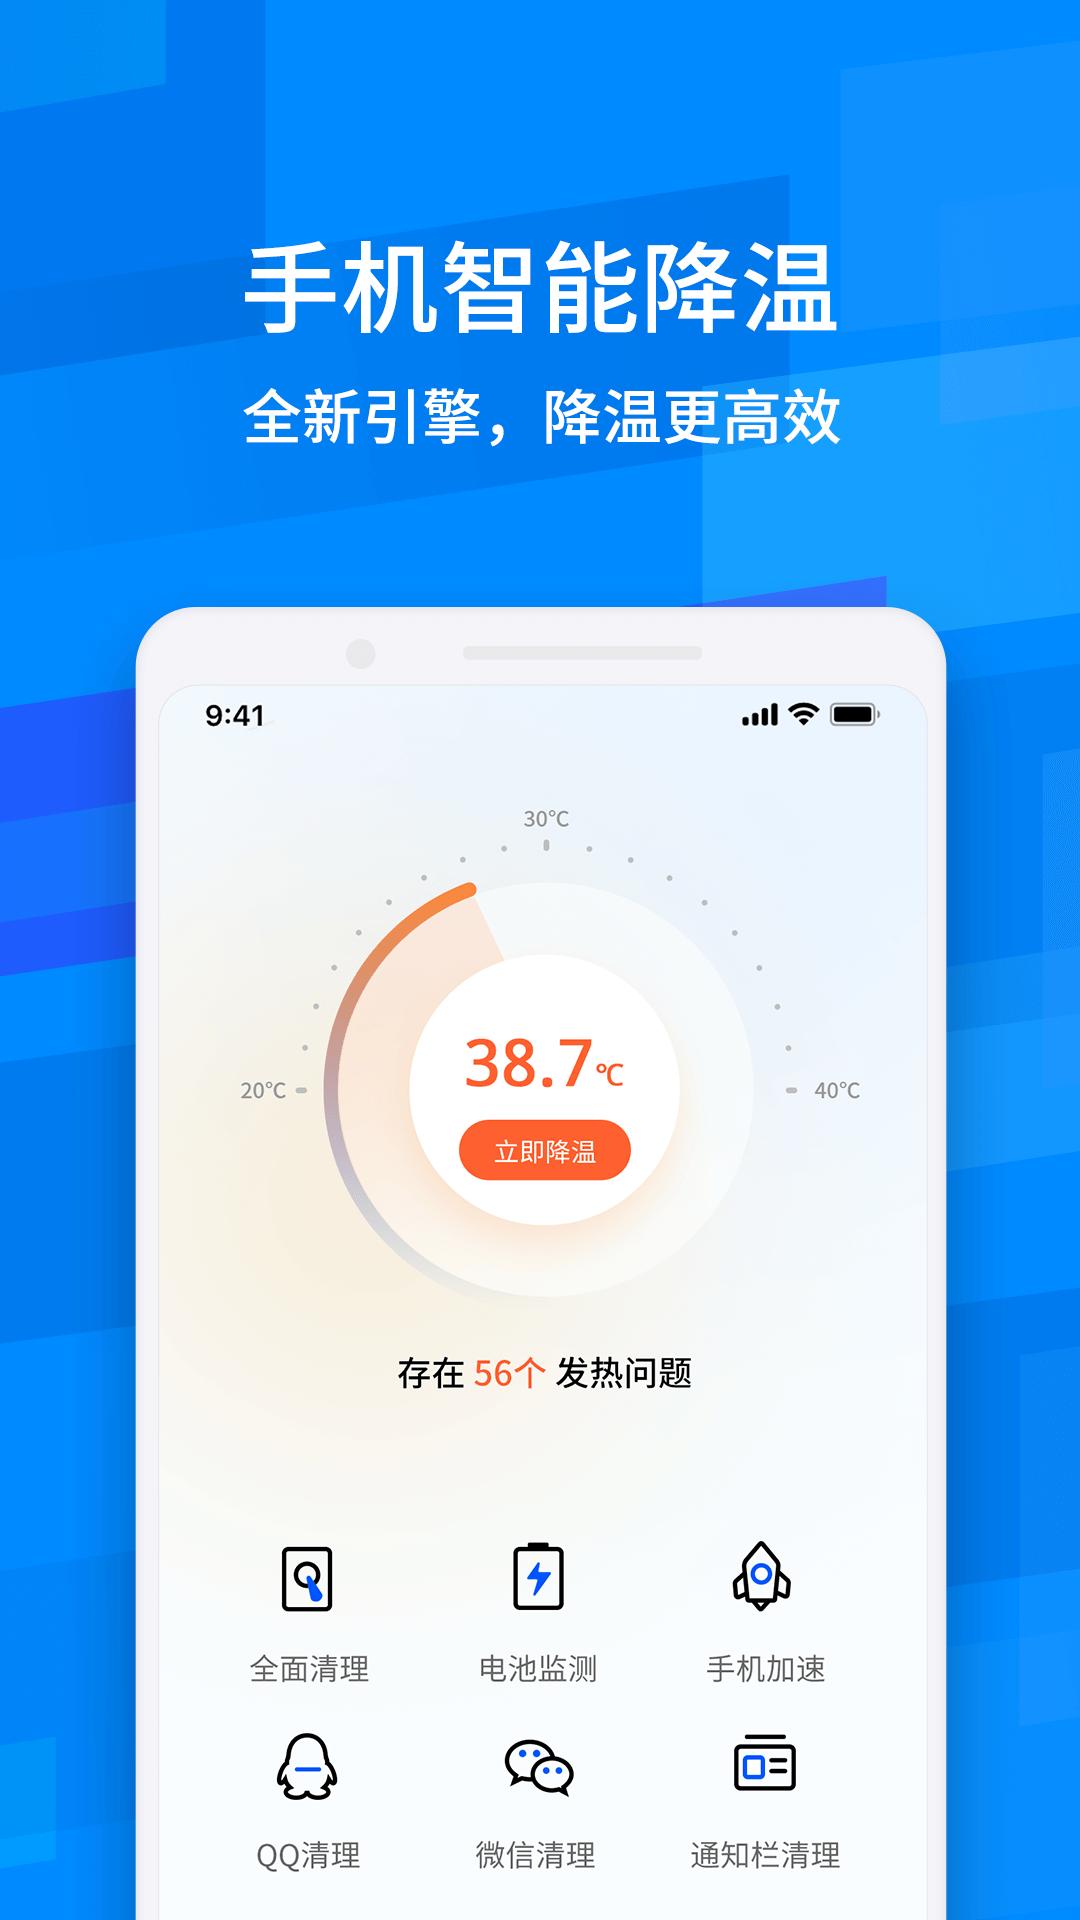 鲁大师降温神器下载最新版_鲁大师降温神器app免费下载安装